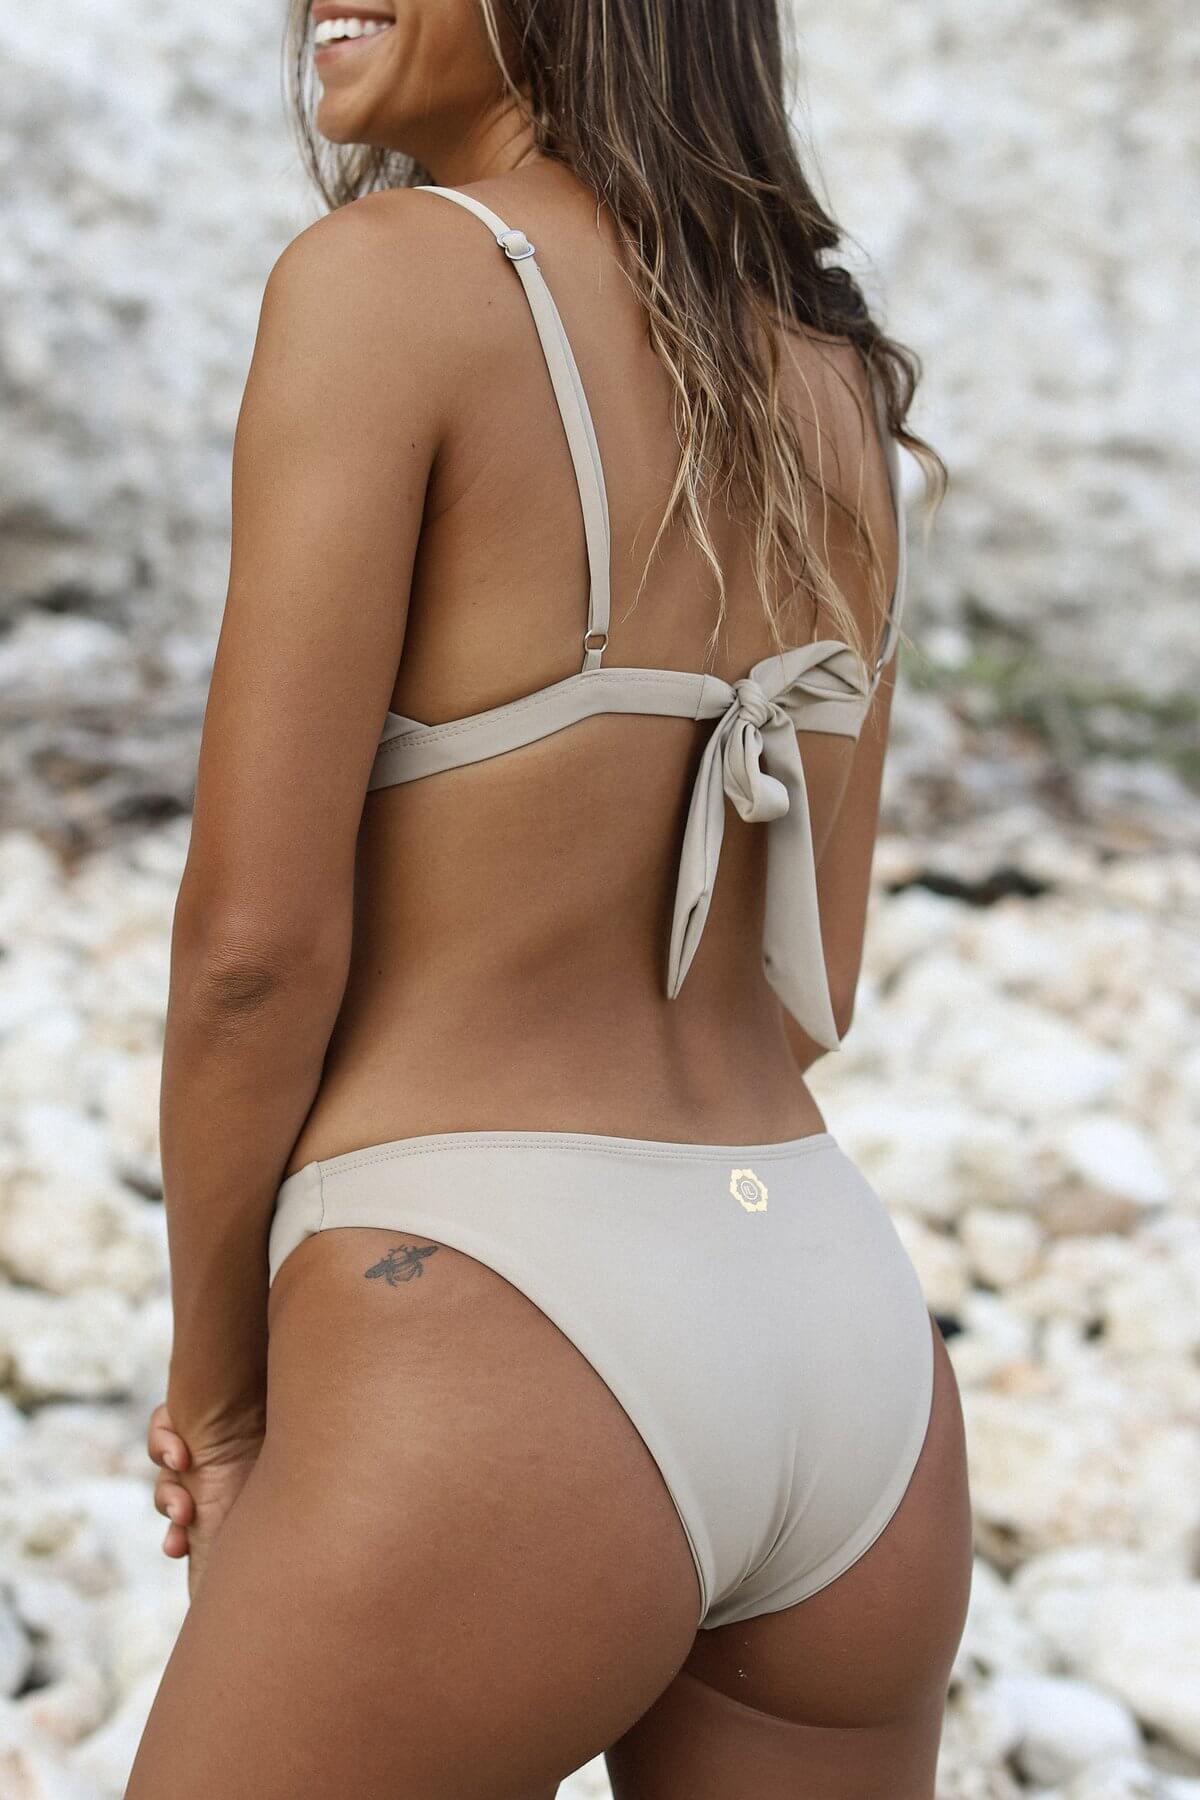 duurzame-bikini